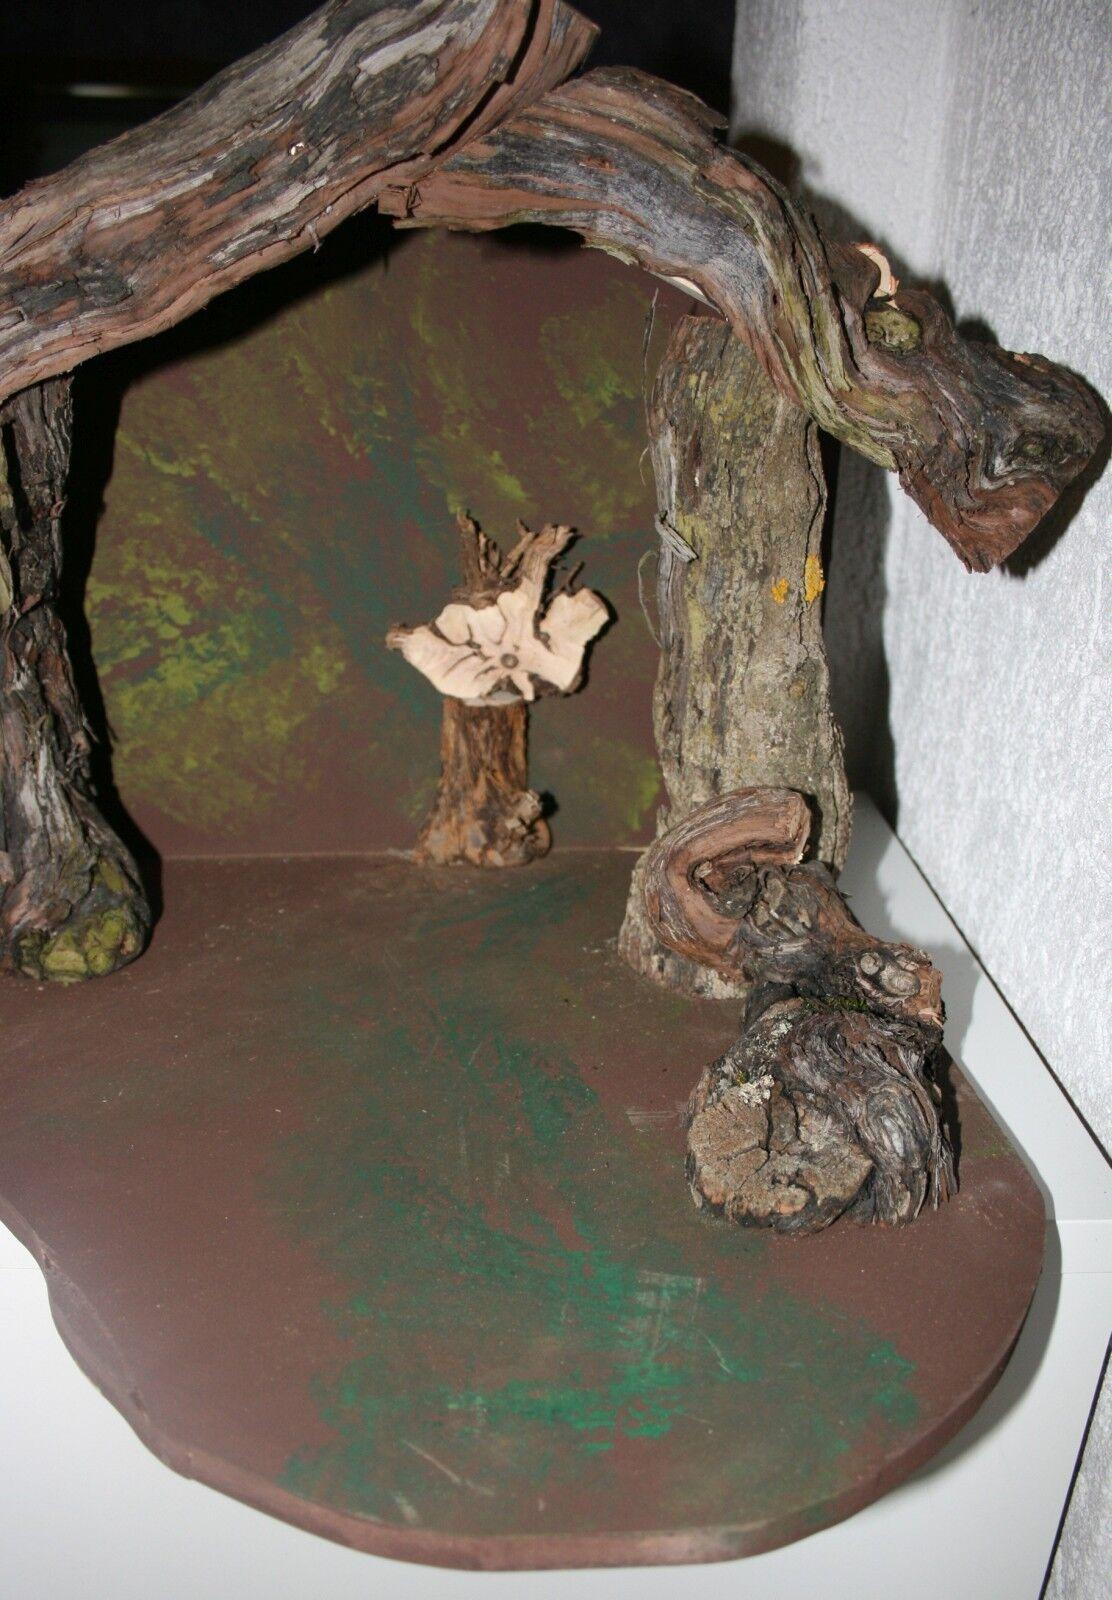 Wurzelkrippe 61 cm br 37 cm h h h 17 cm t  Platte bis 41 cm t Weihnachten Krippe fd0afa